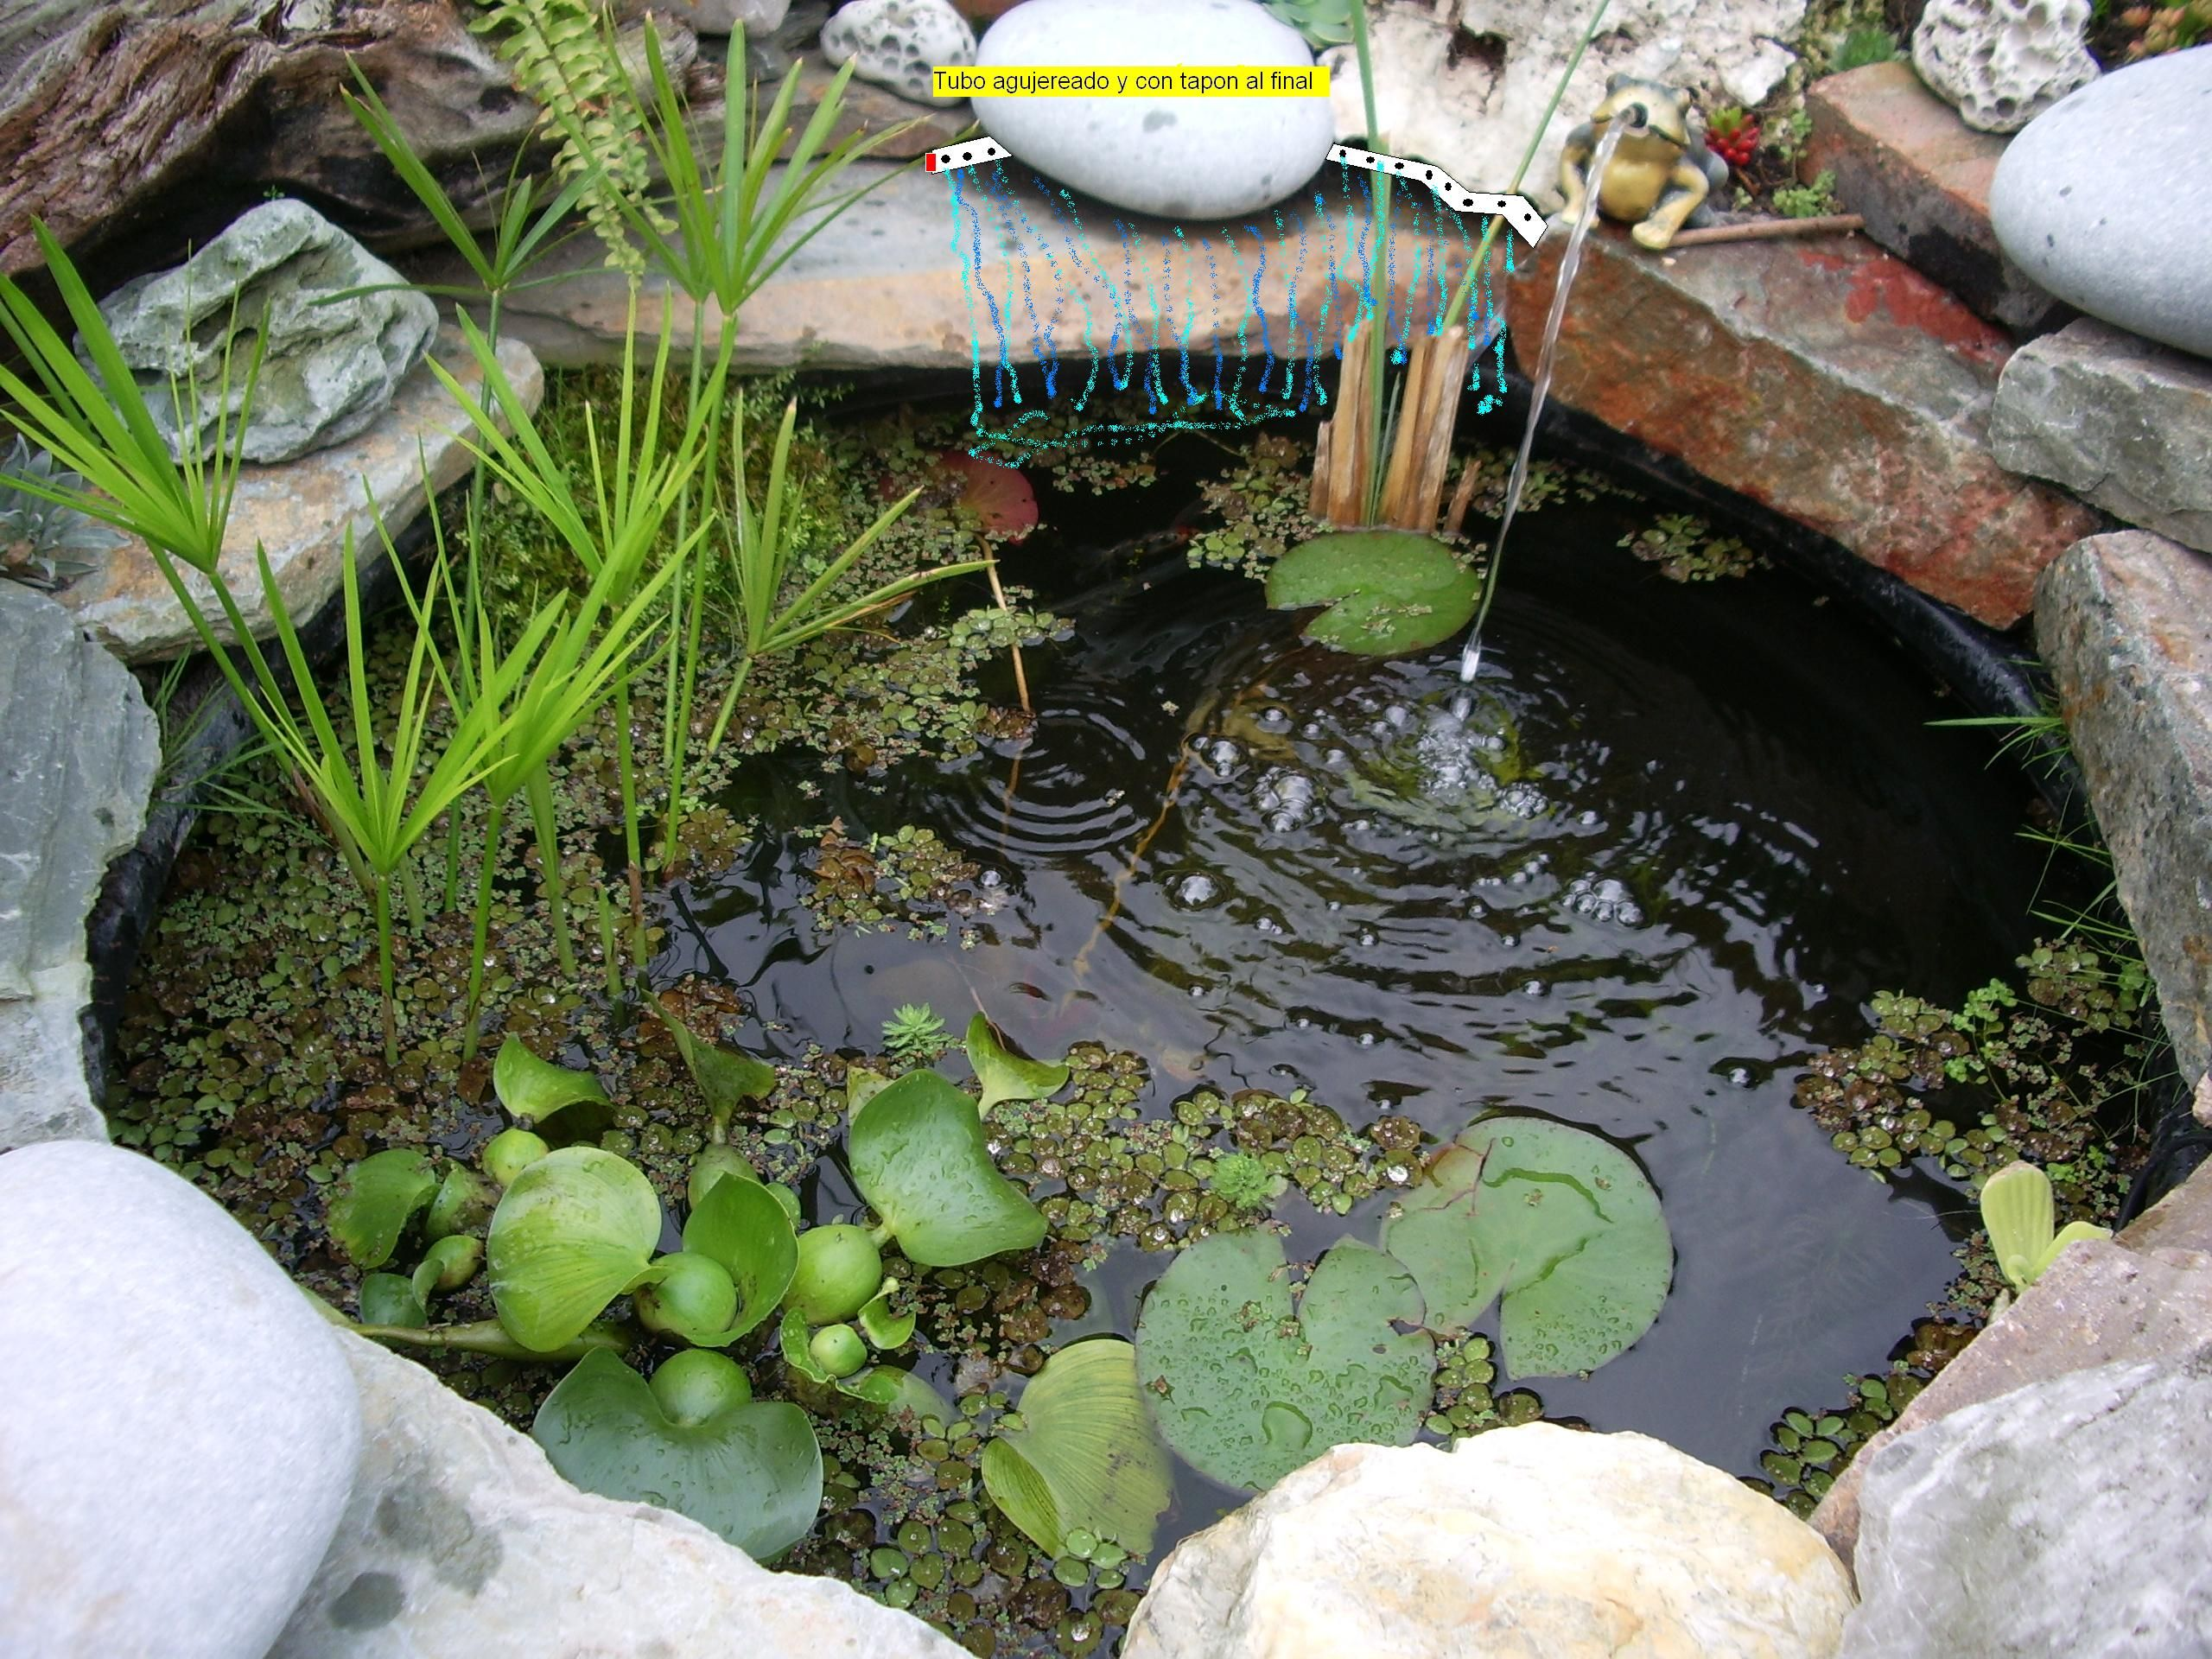 Ver tema hacer una cascada casera - Estanque de jardin ...